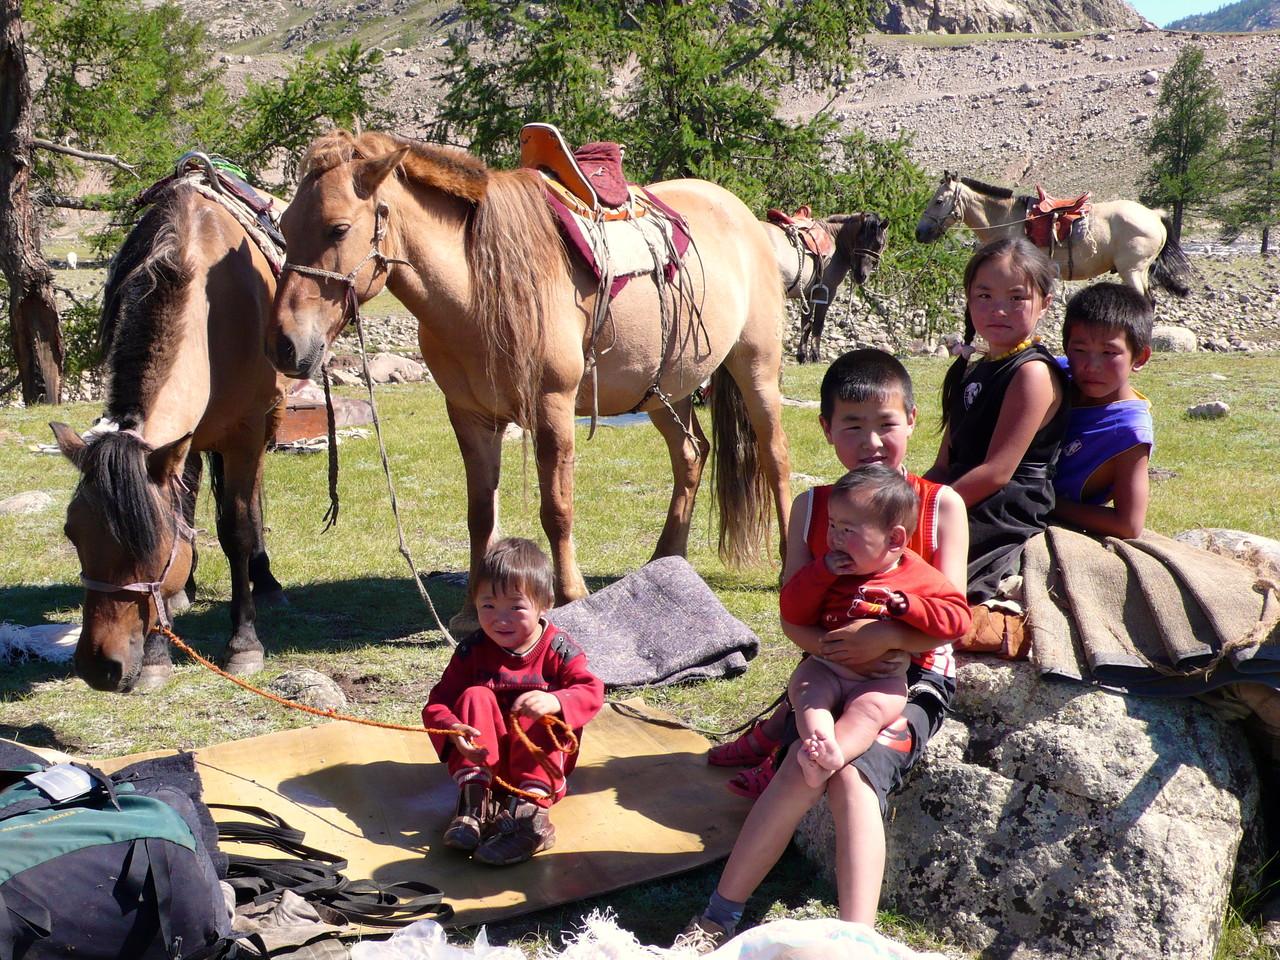 Les enfants d'Uliastai au camp de base lors des préparatifs